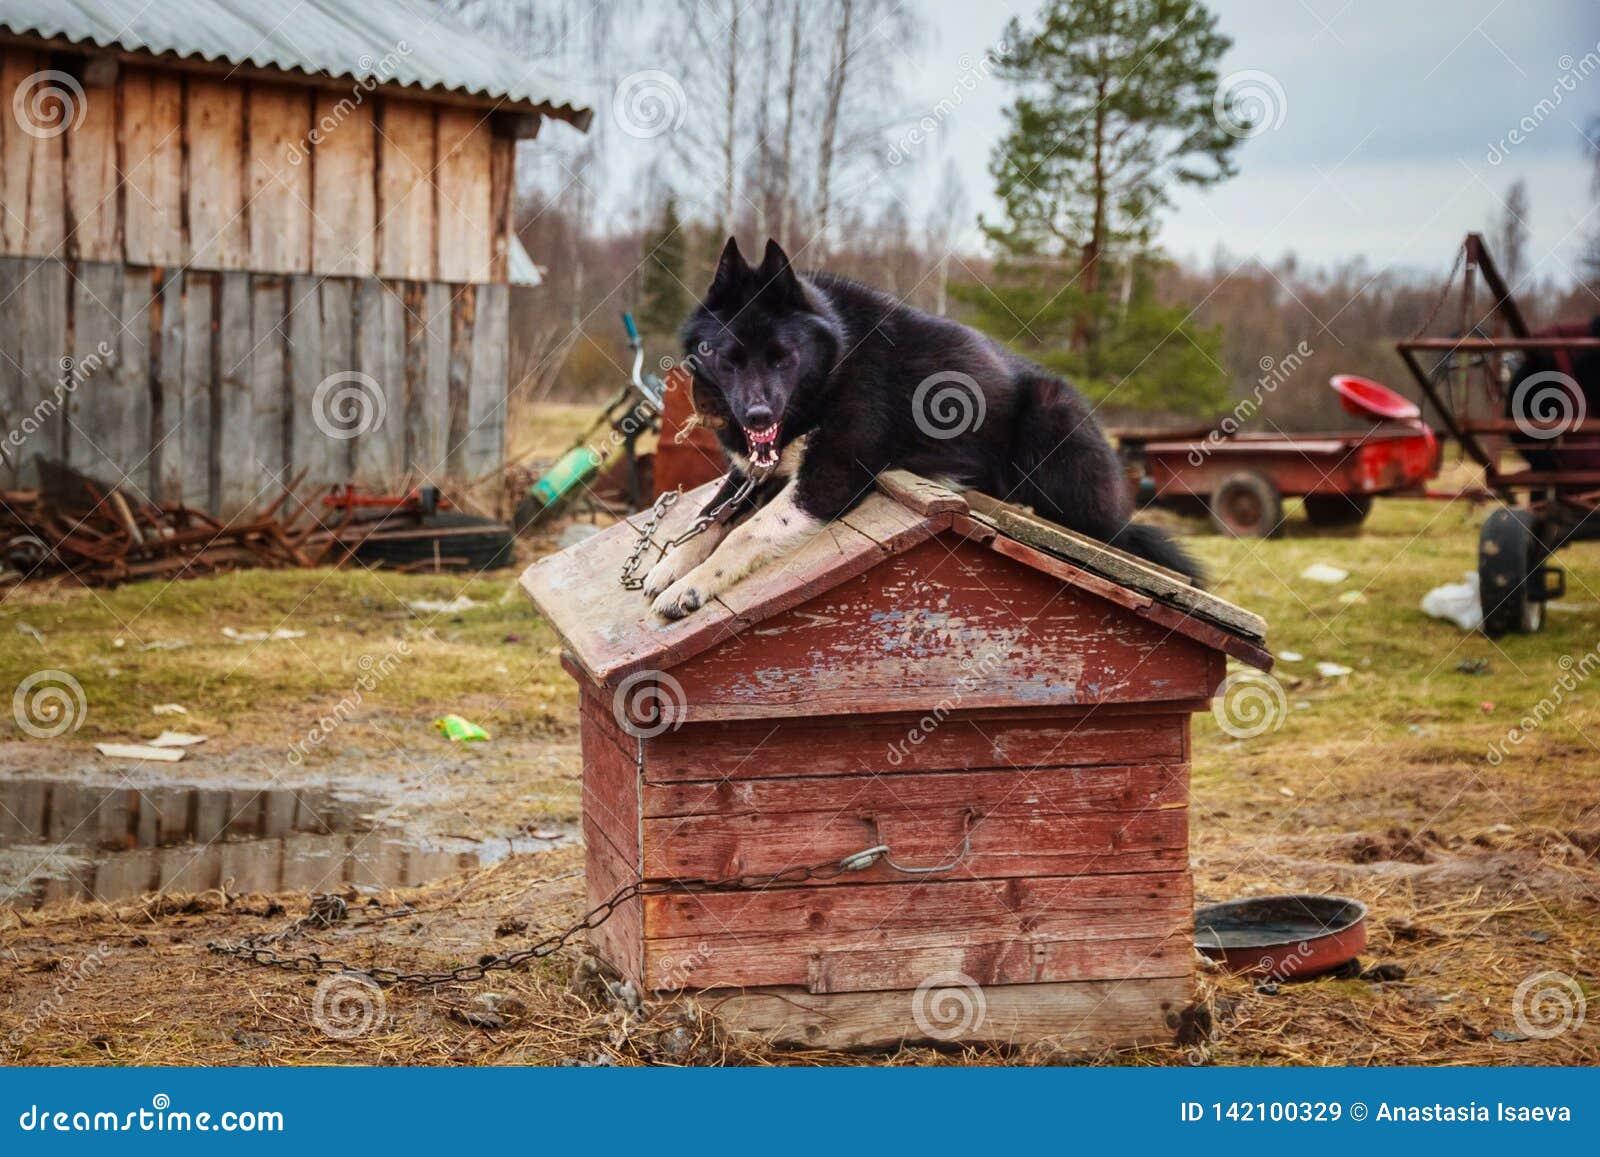 Сторожевой пес зевая на будочке на плохой русской ферме